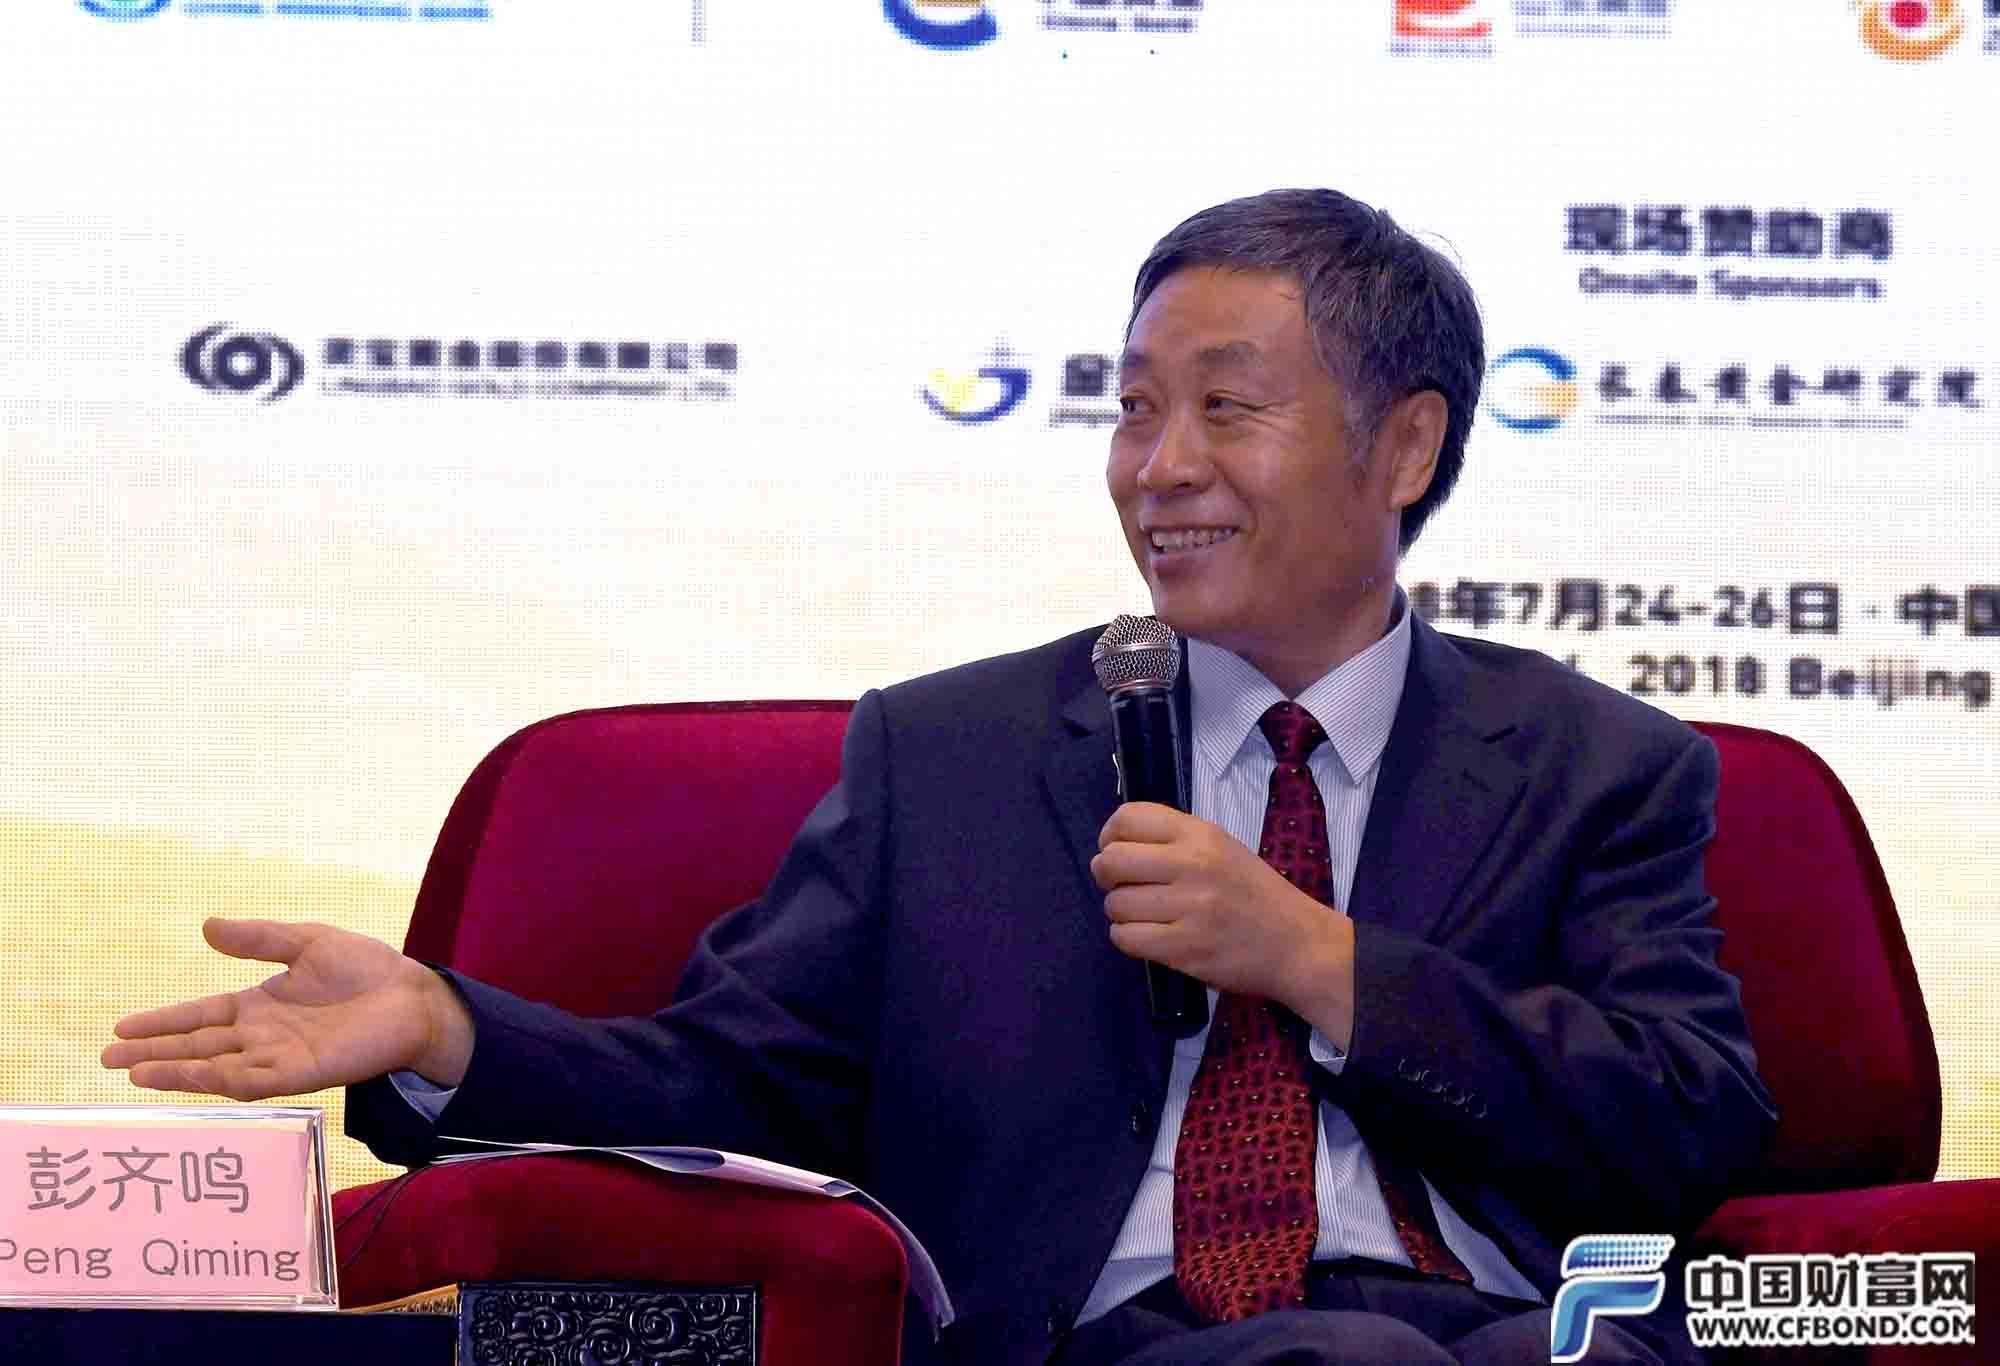 中国矿业联合会会长彭齐鸣主持圆桌对话